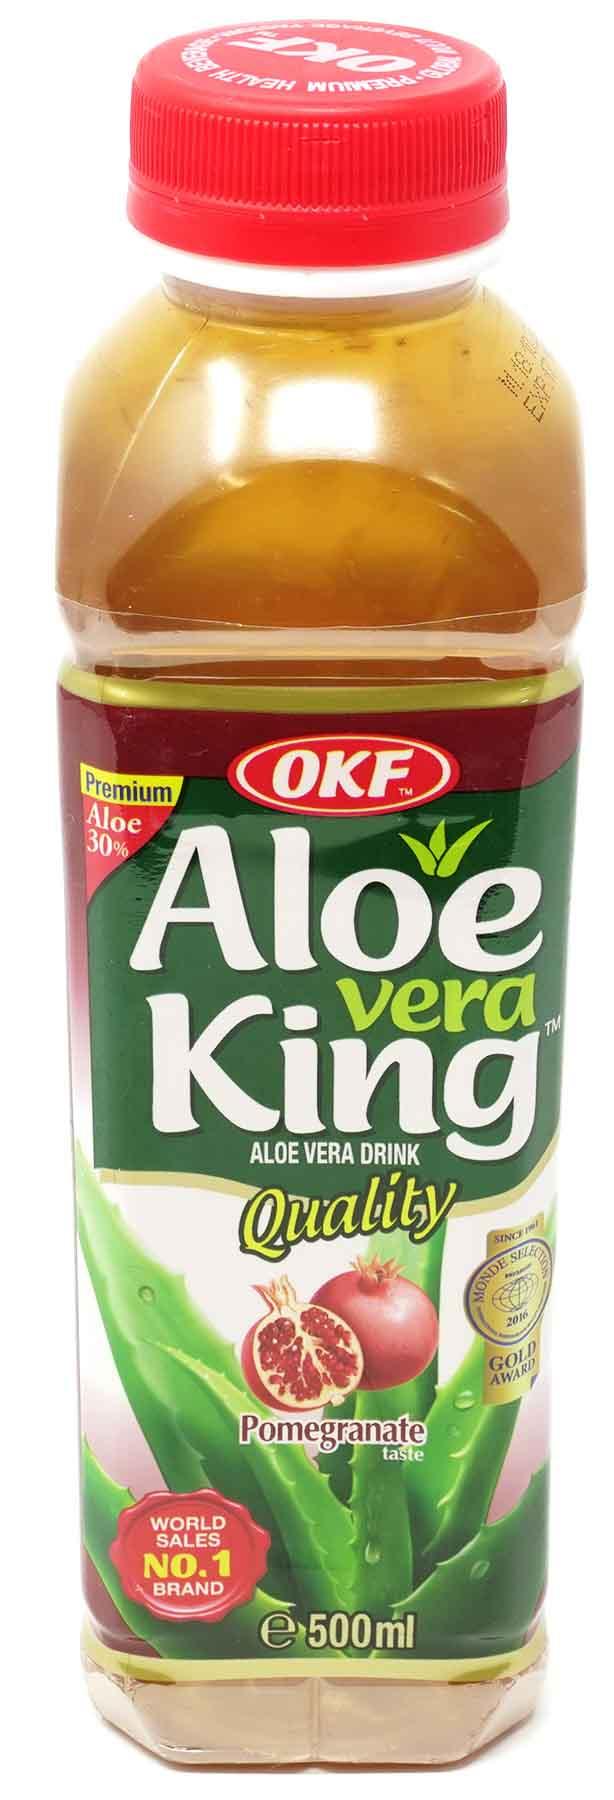 OKF Aloe Vera Getränk Granatapfel, 500 ml